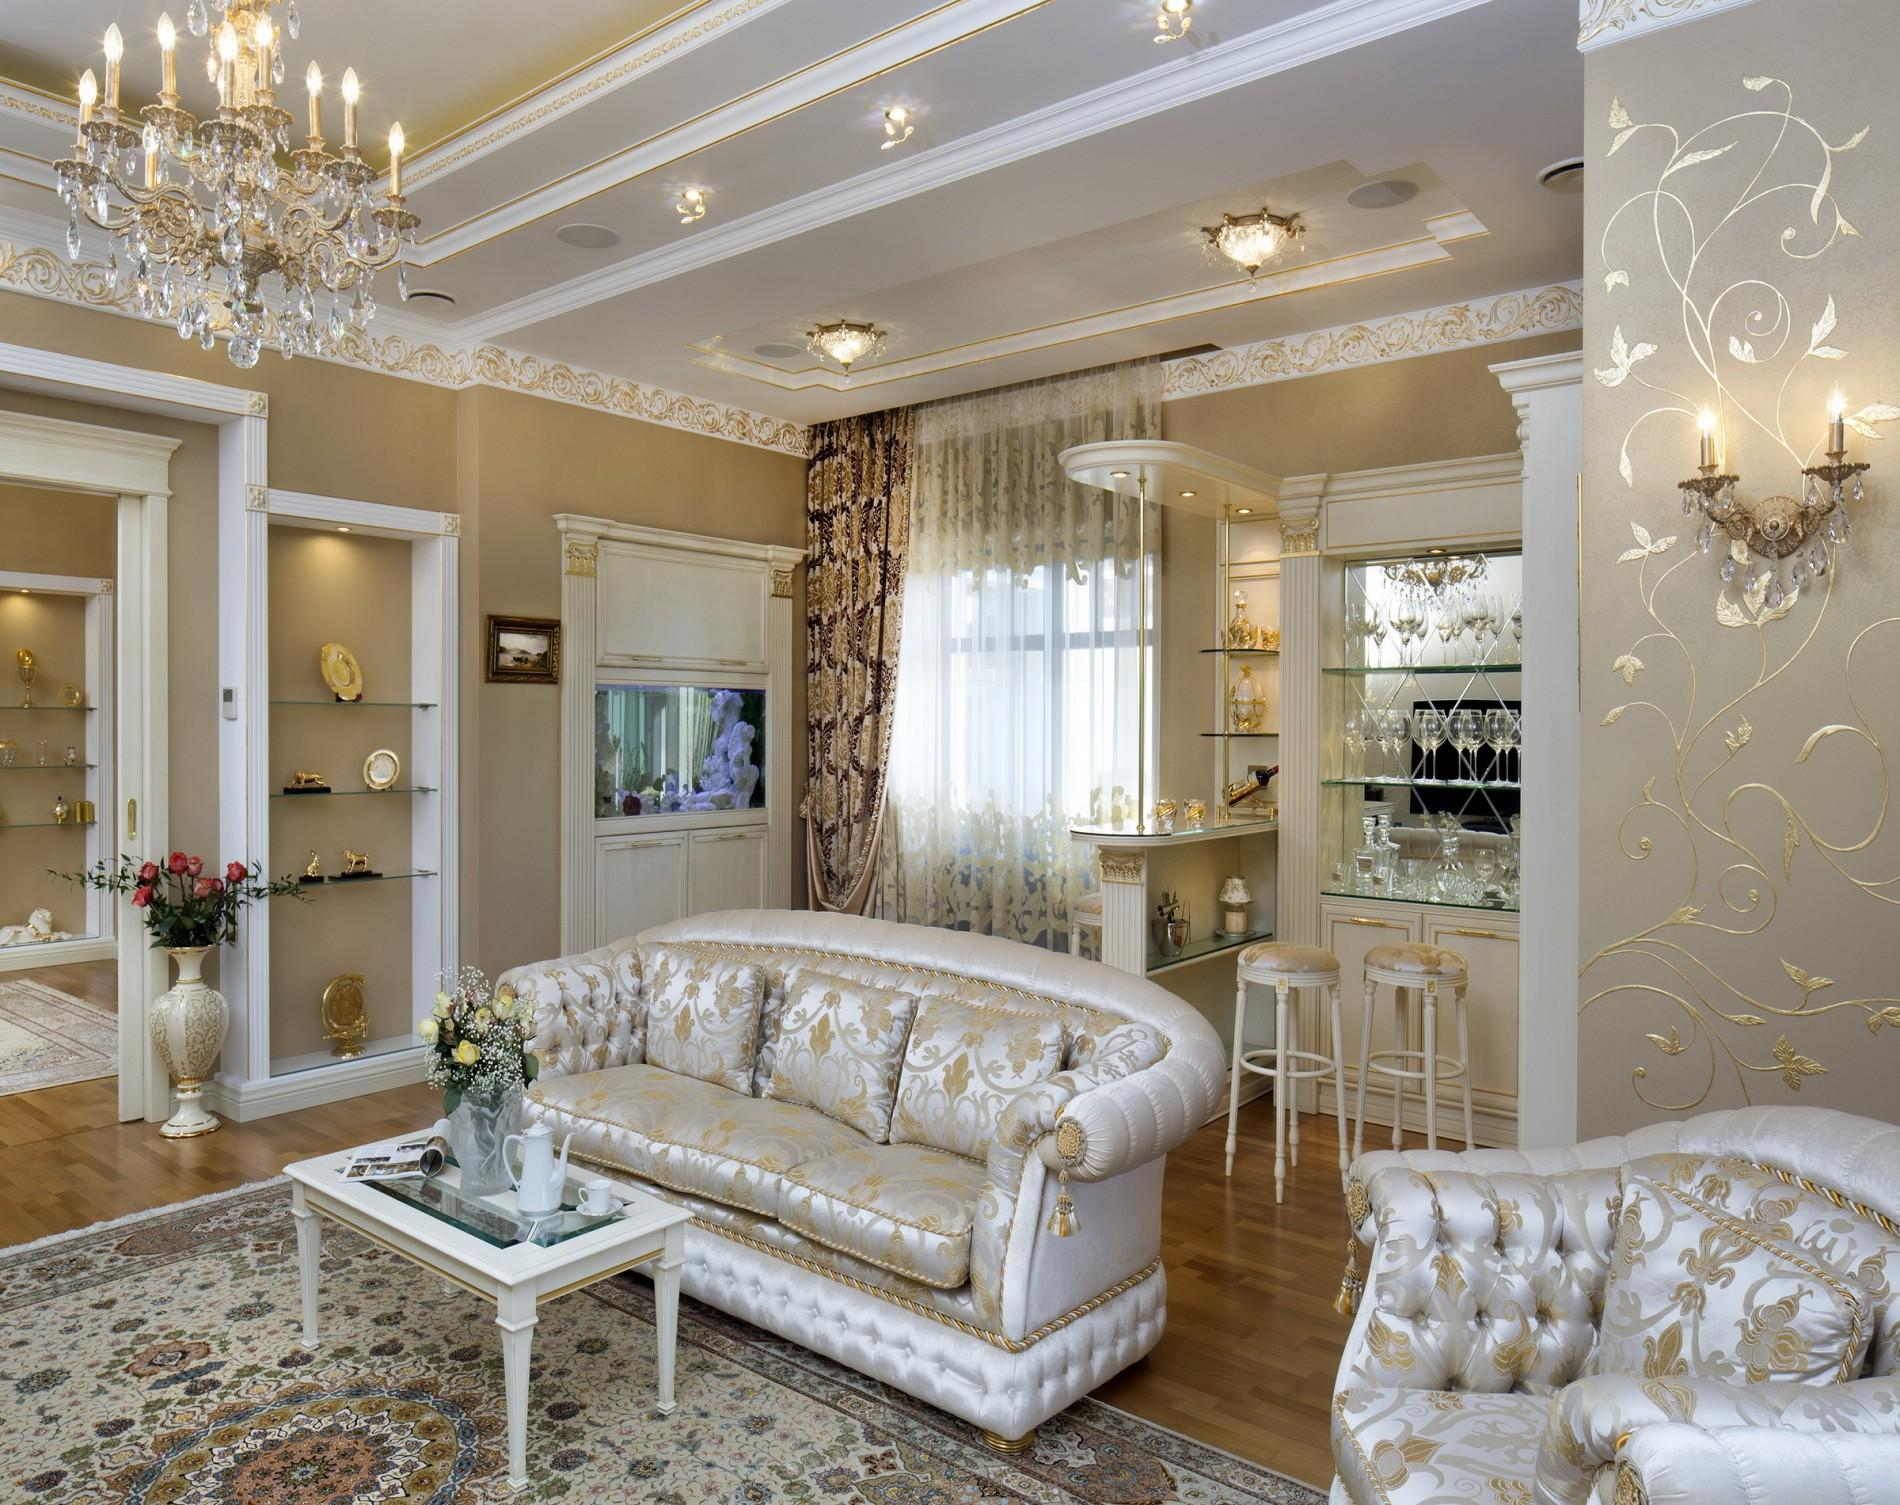 Гостиная с барной стойкой в частном доме в классическом стиле